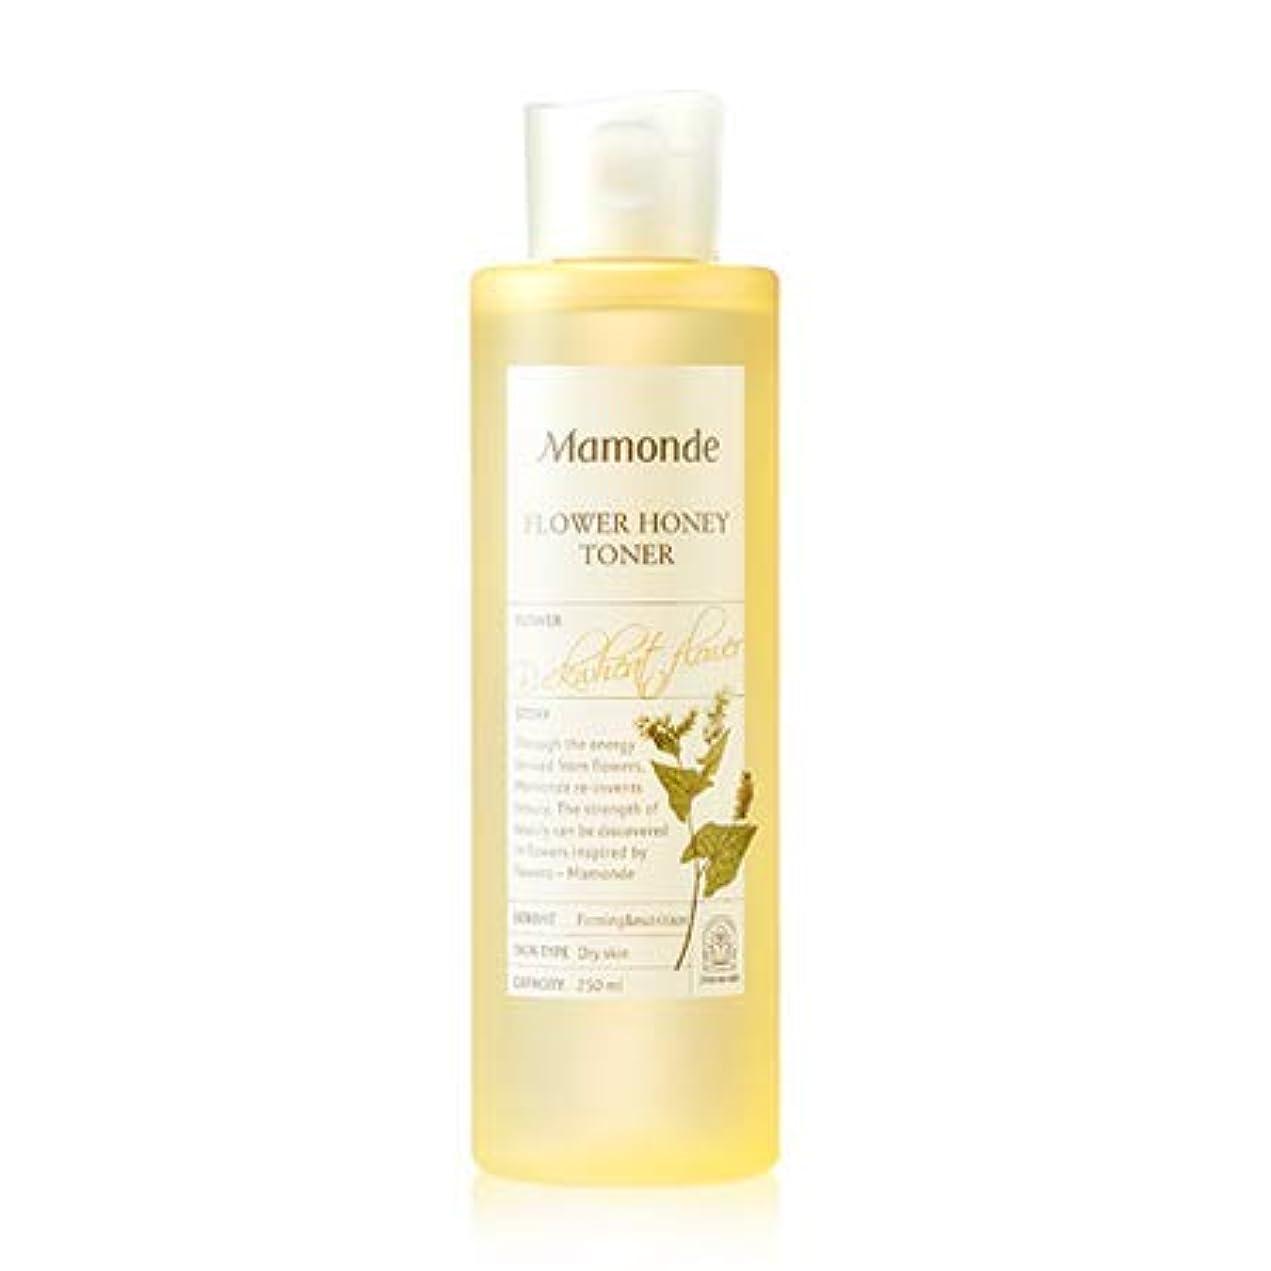 孤独免除する放棄Mamonde Flower Honey Toner マモンド フラワー ハニー トナー 250ml [並行輸入品]